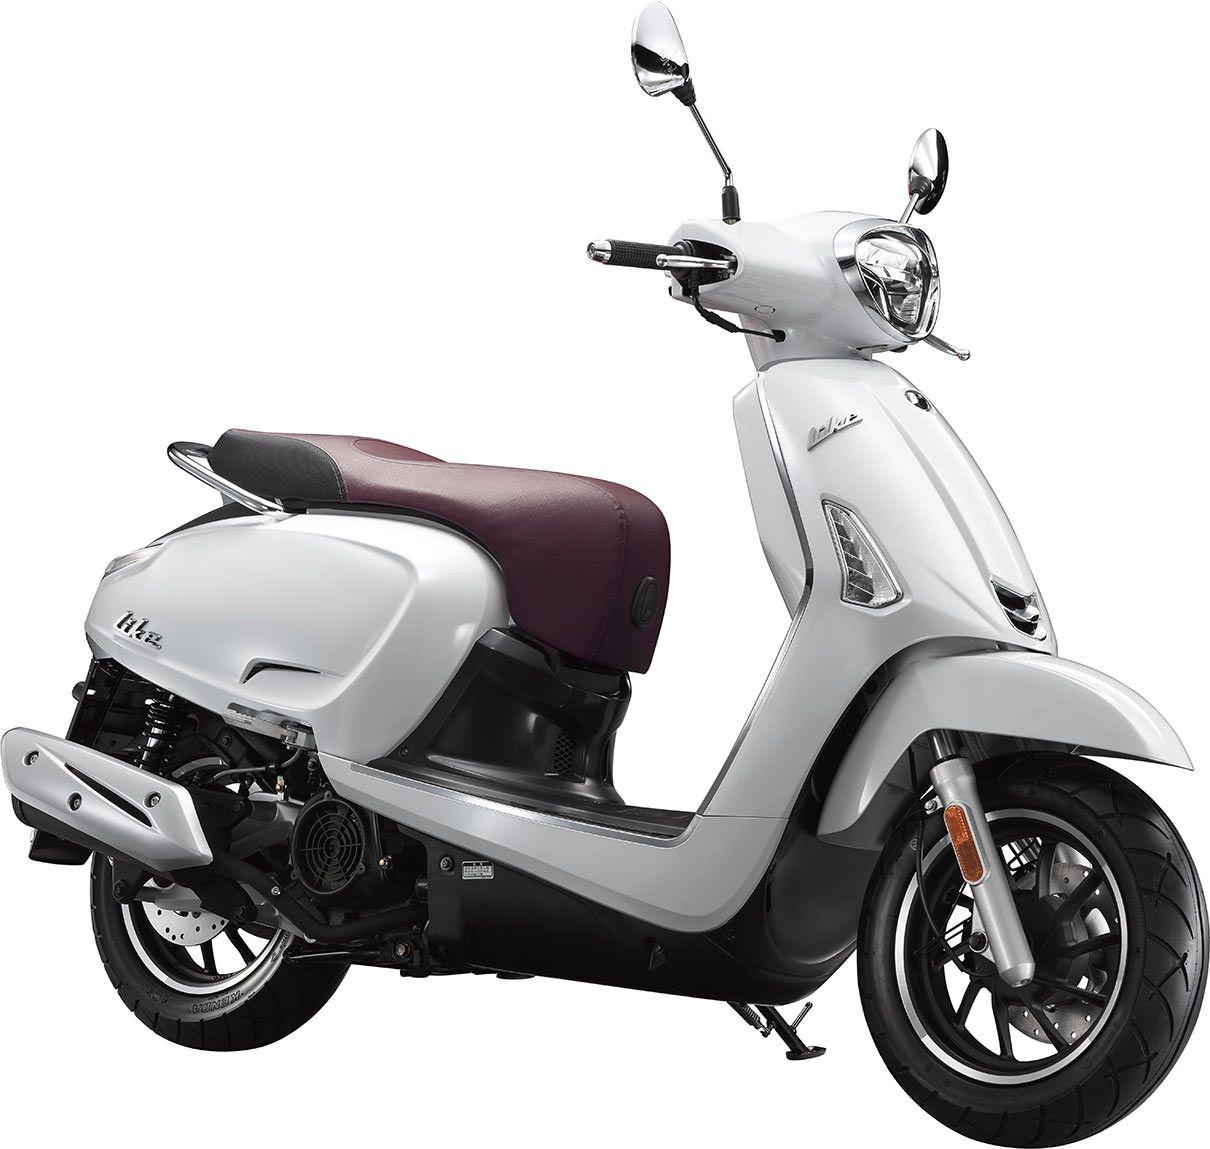 Pour 2017 les scooters kymco like 50 et 125 voluent en profondeur